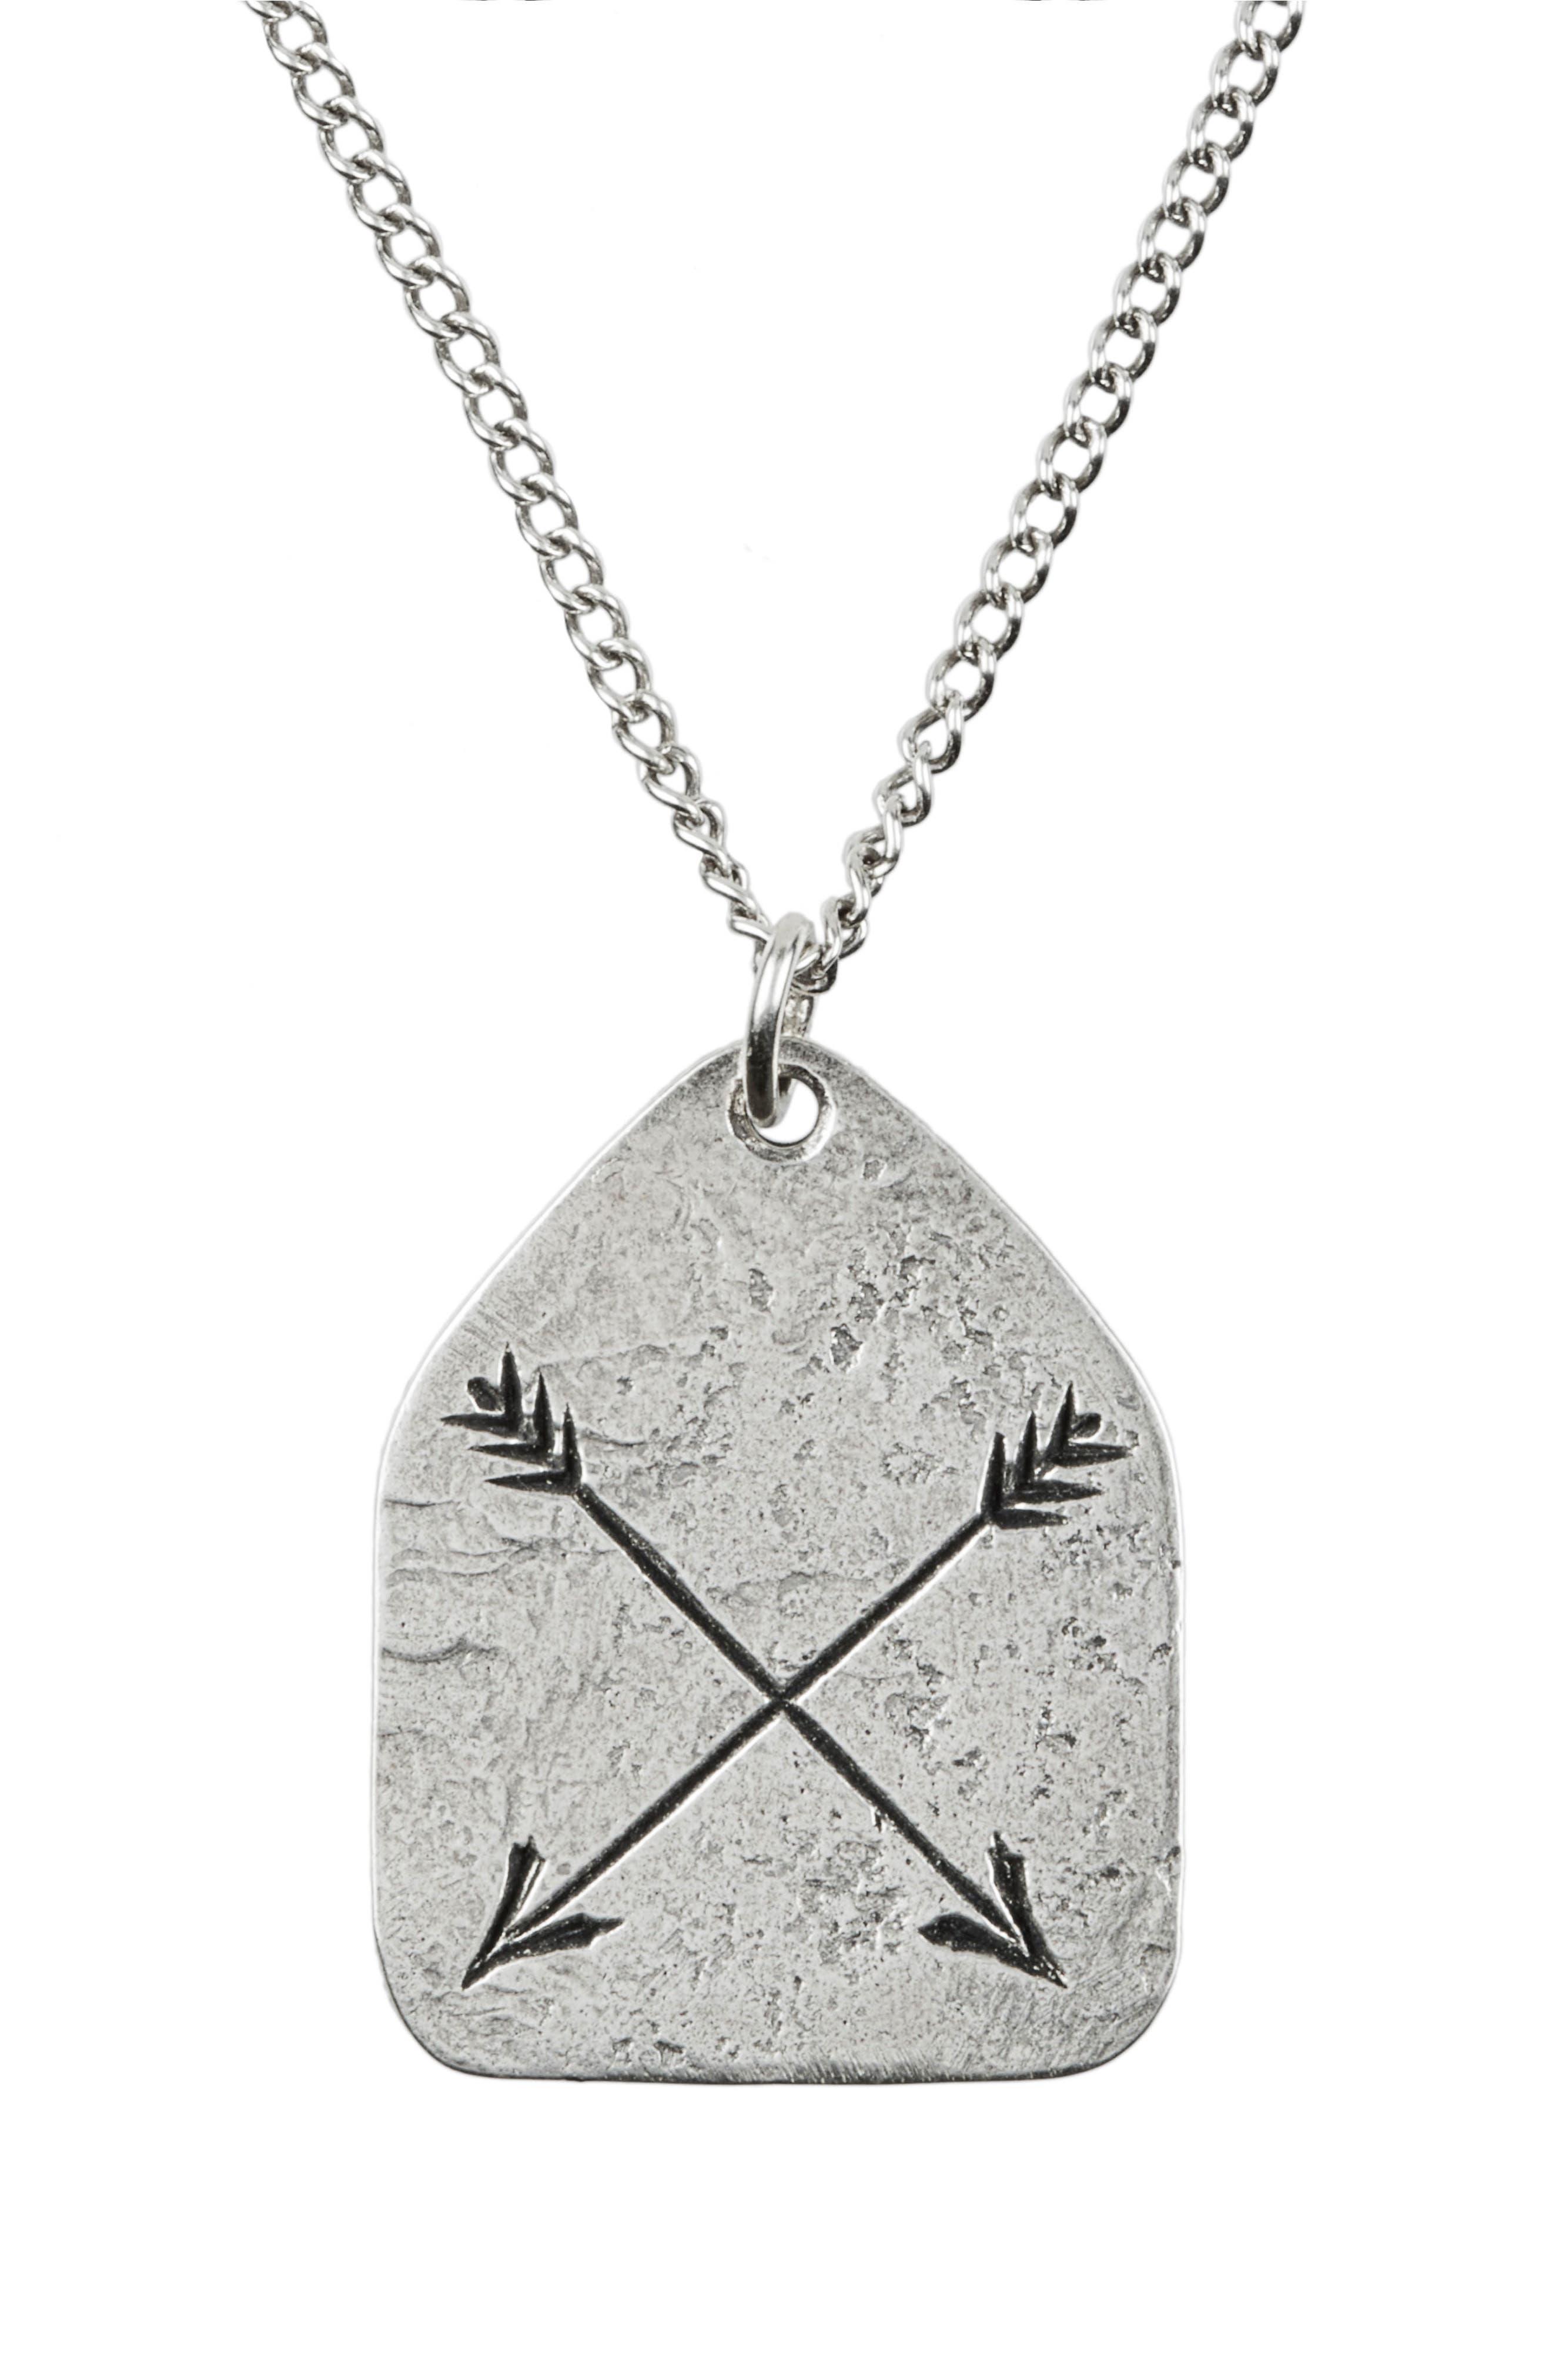 Lewis Henry Nicholas Arrow Charm Pendant Necklace